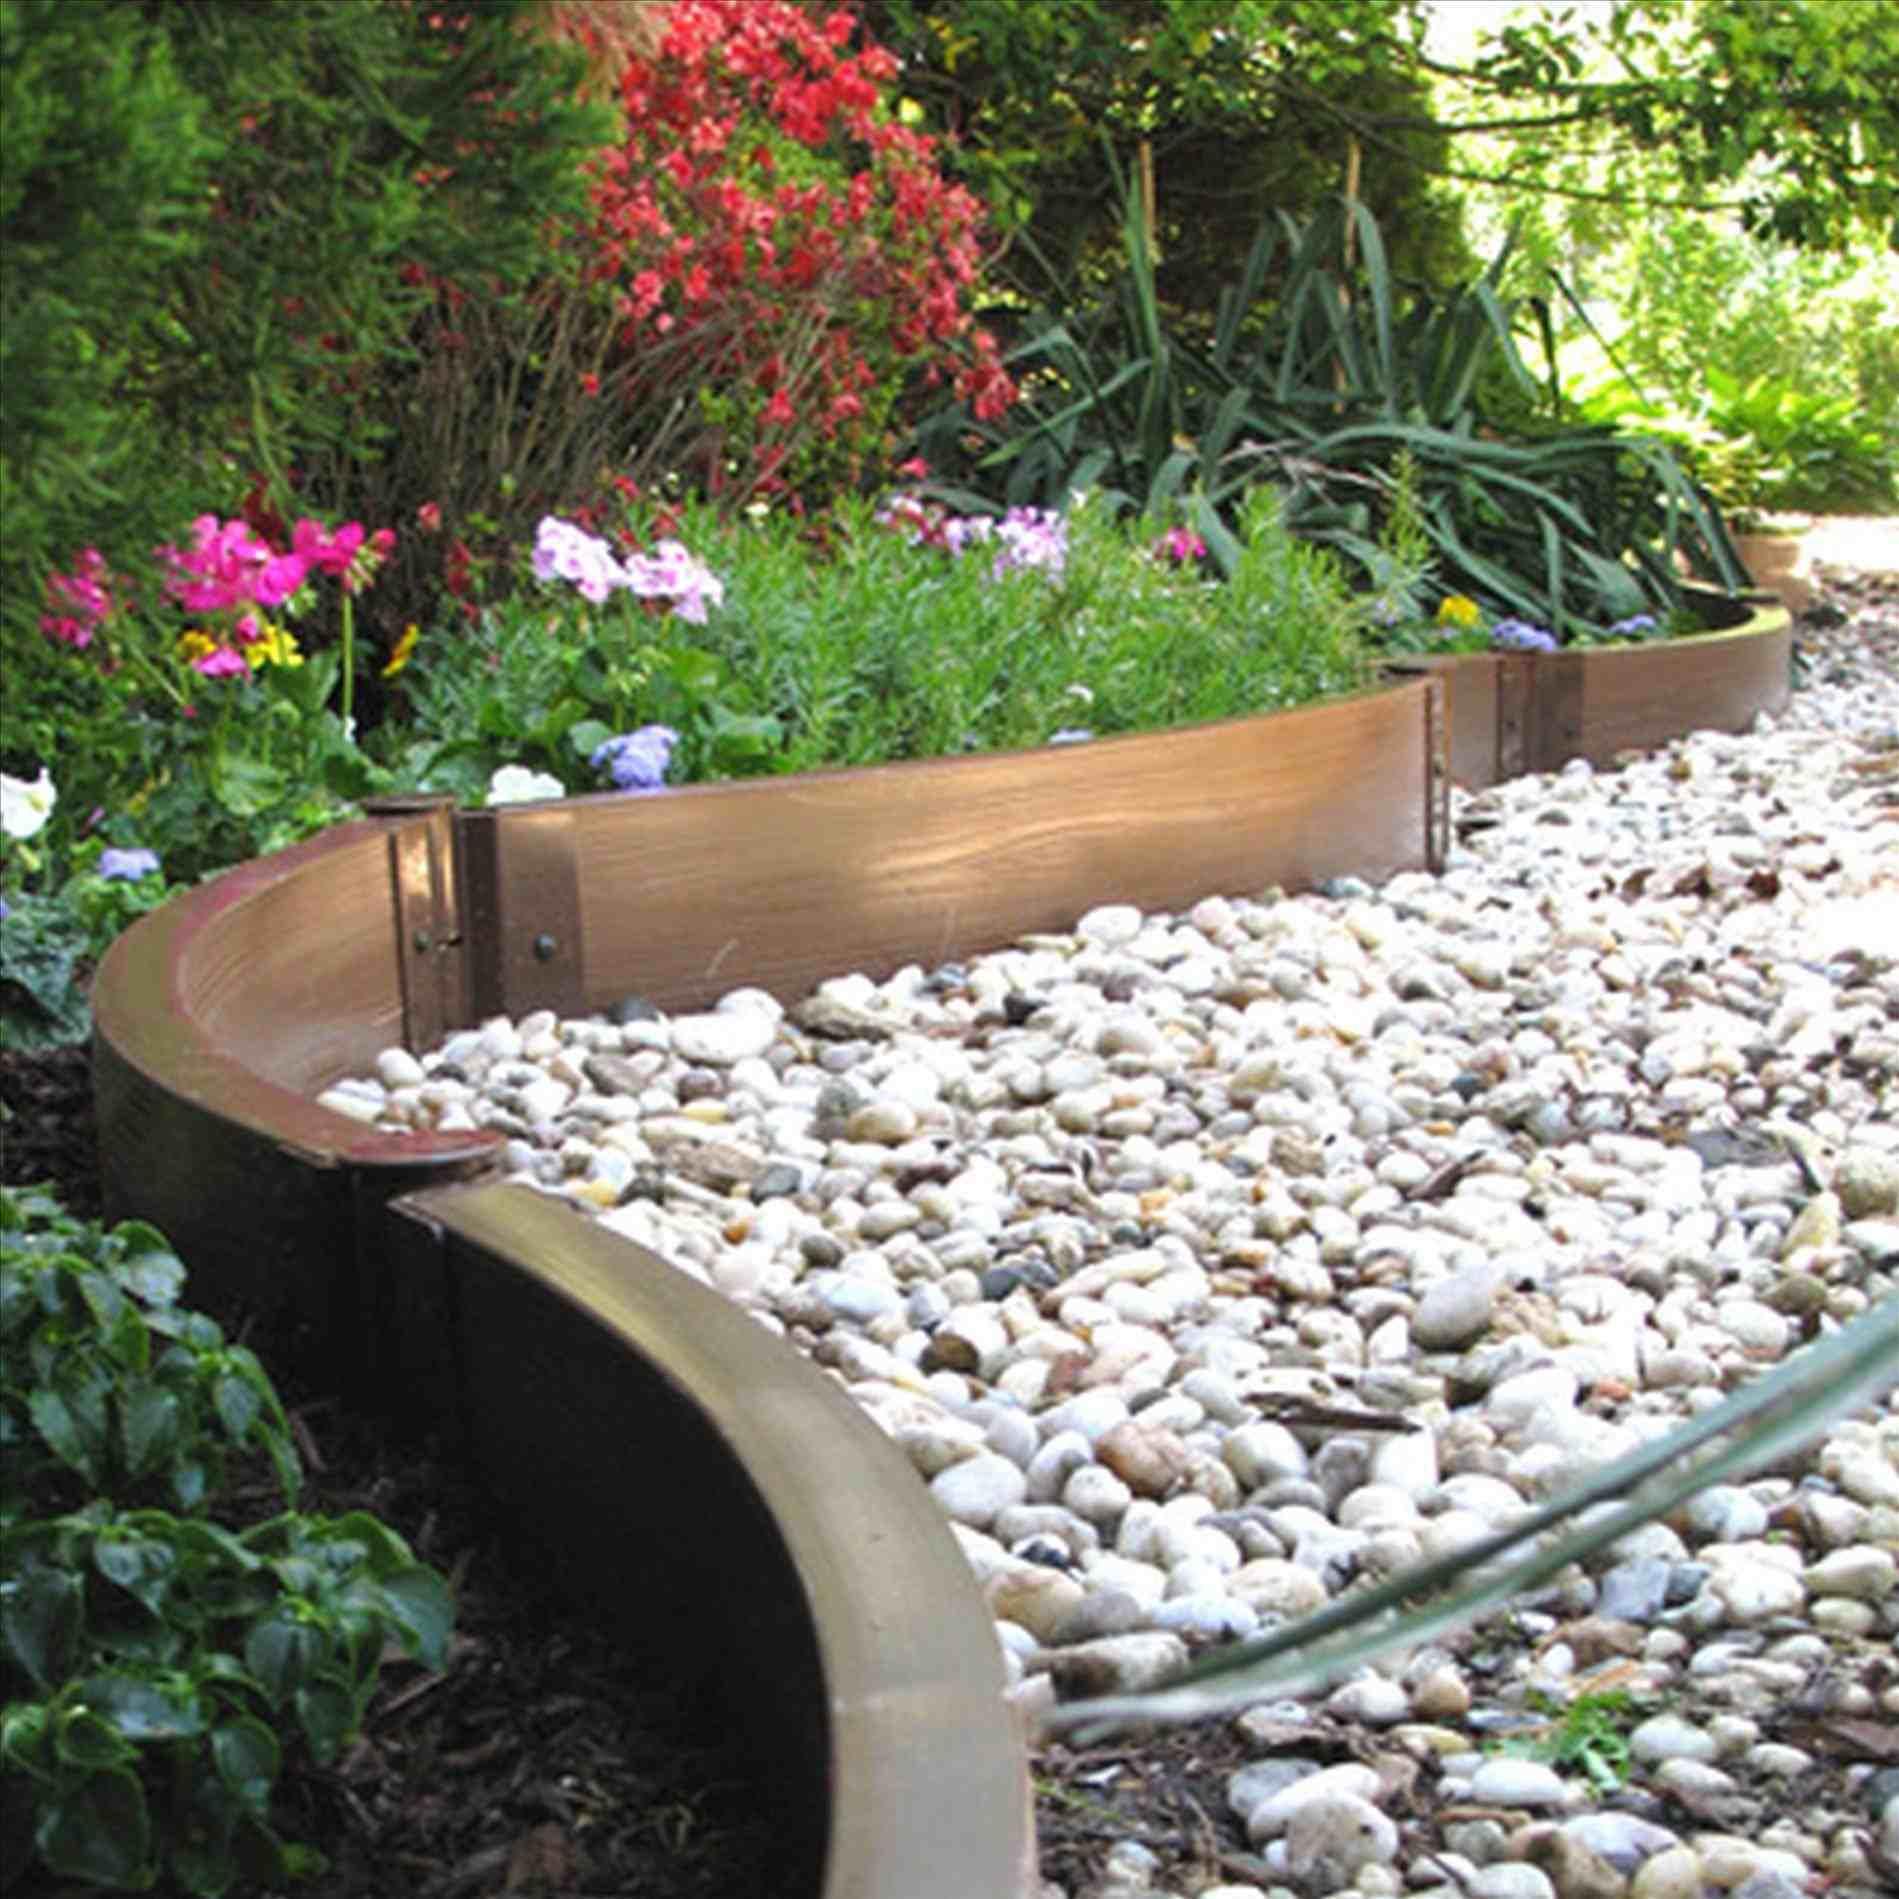 Wallpaper Borders Bunnings Cheap Garden Edging Ideas 430656 Hd Wallpaper Backgrounds Download